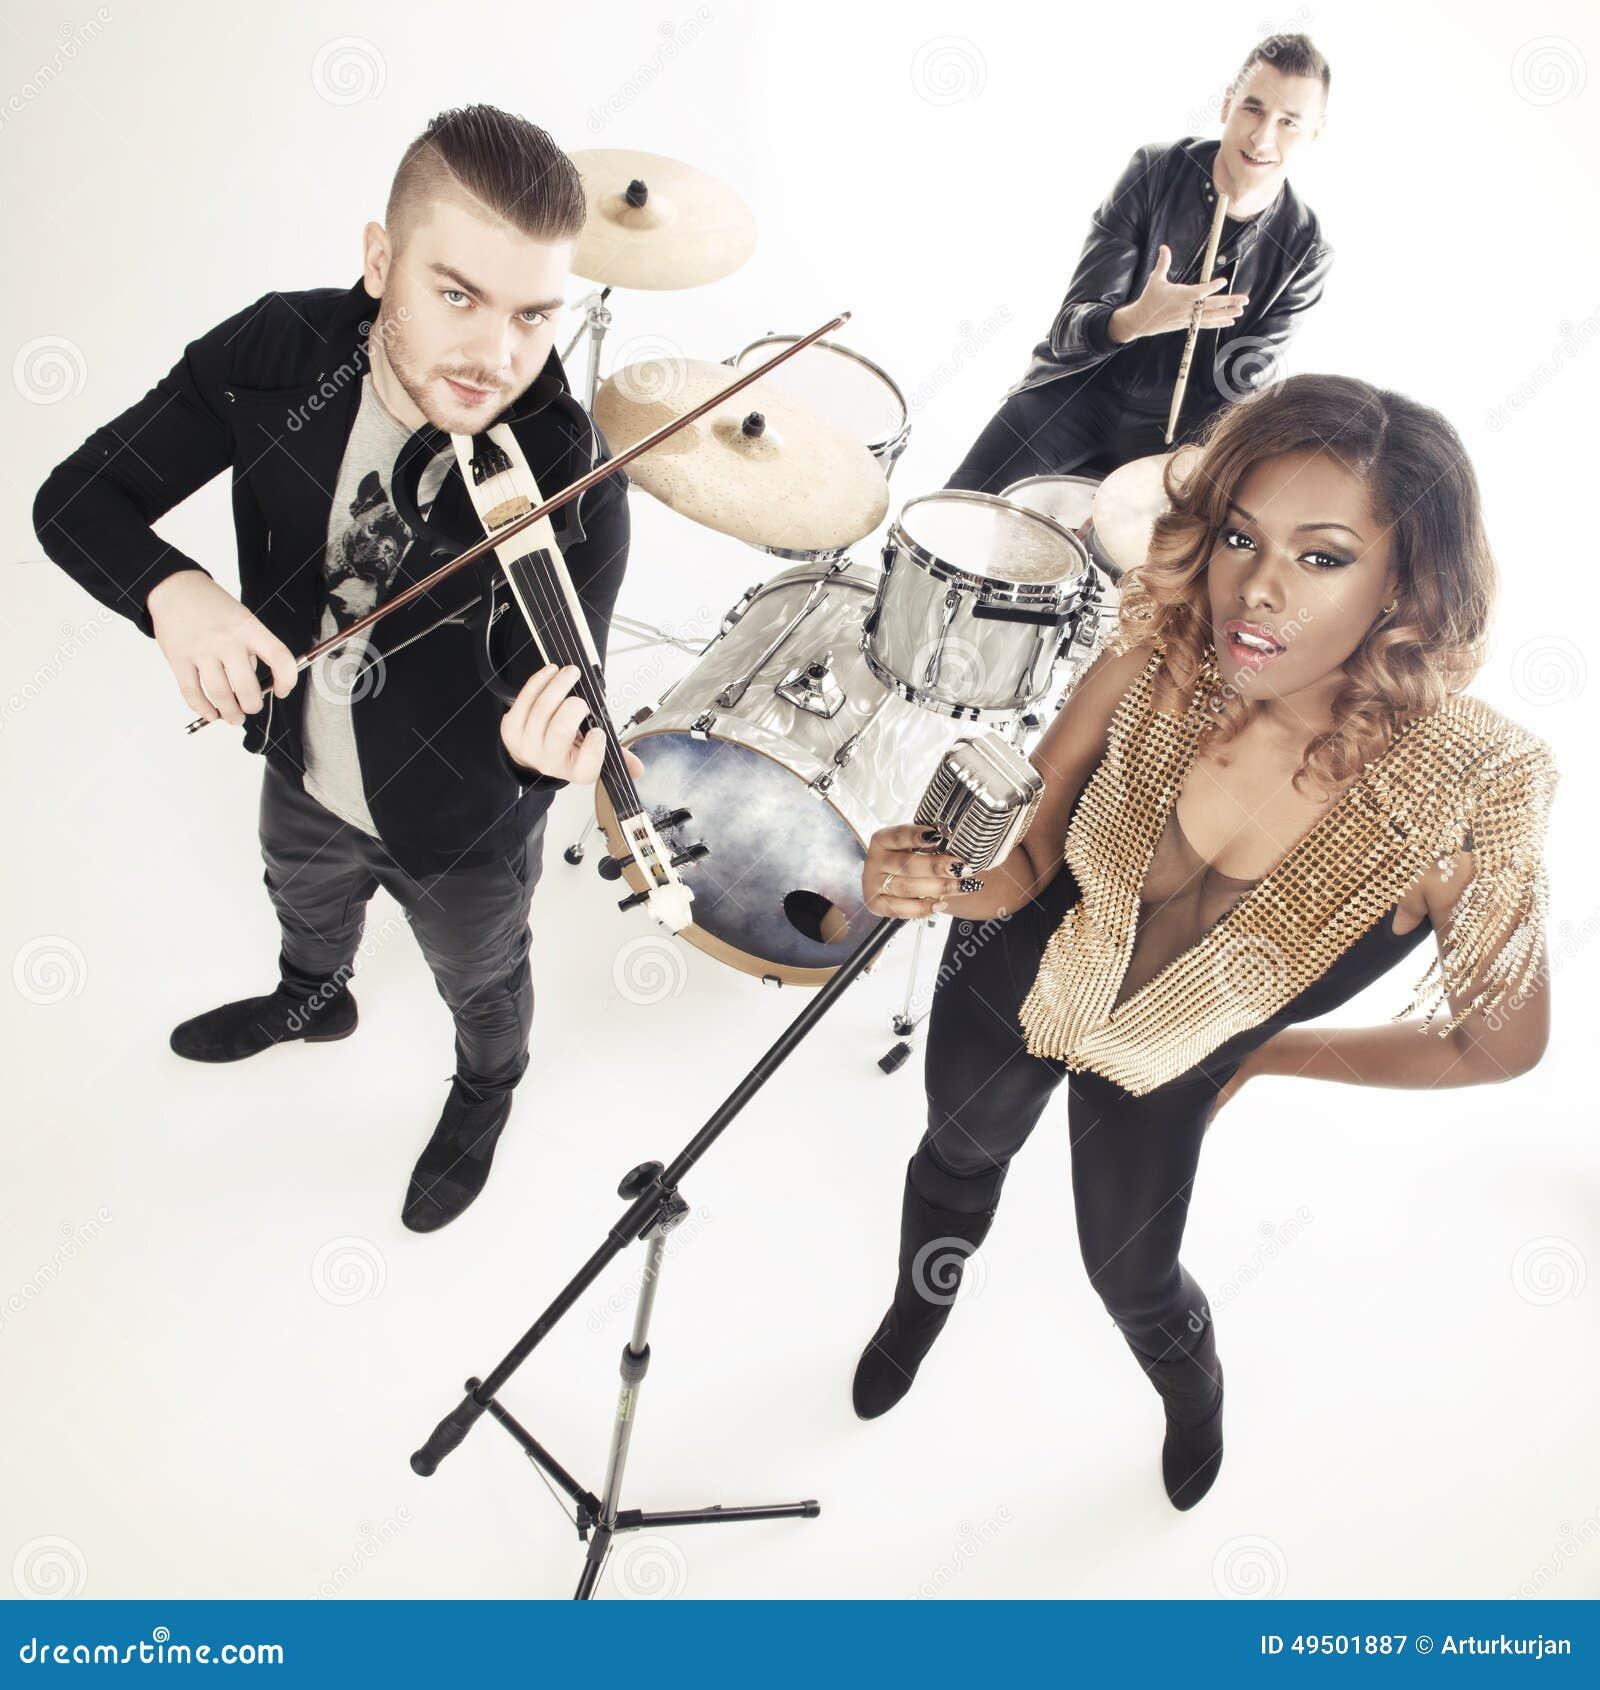 Russian sexy beauties band:Russian song-Beautiful